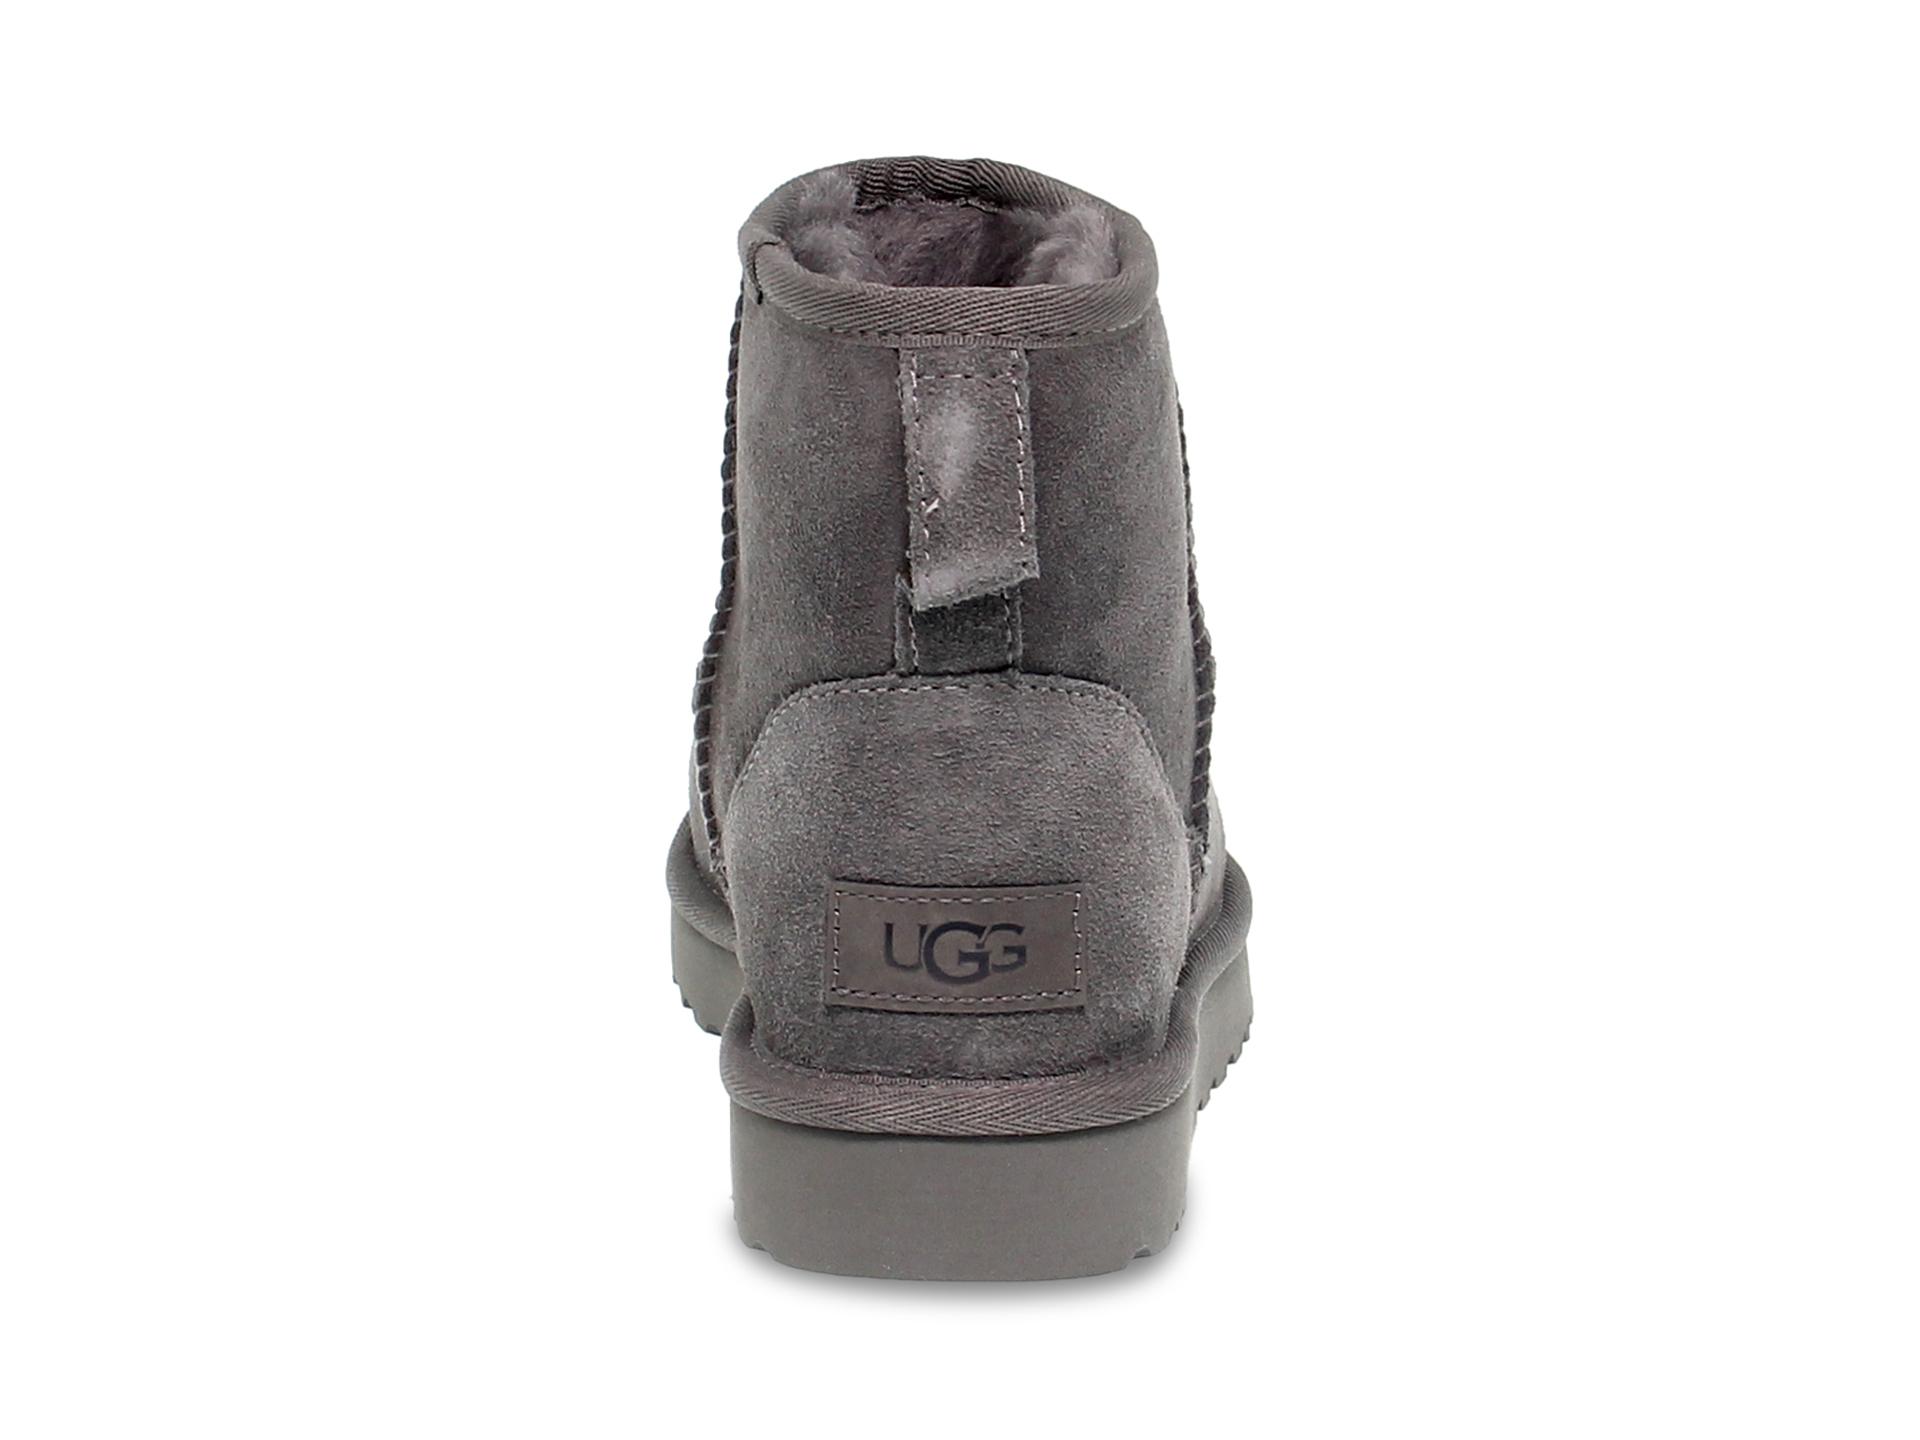 Tronchetto UGG Australia 6222 G in camoscio grigio Scarpe